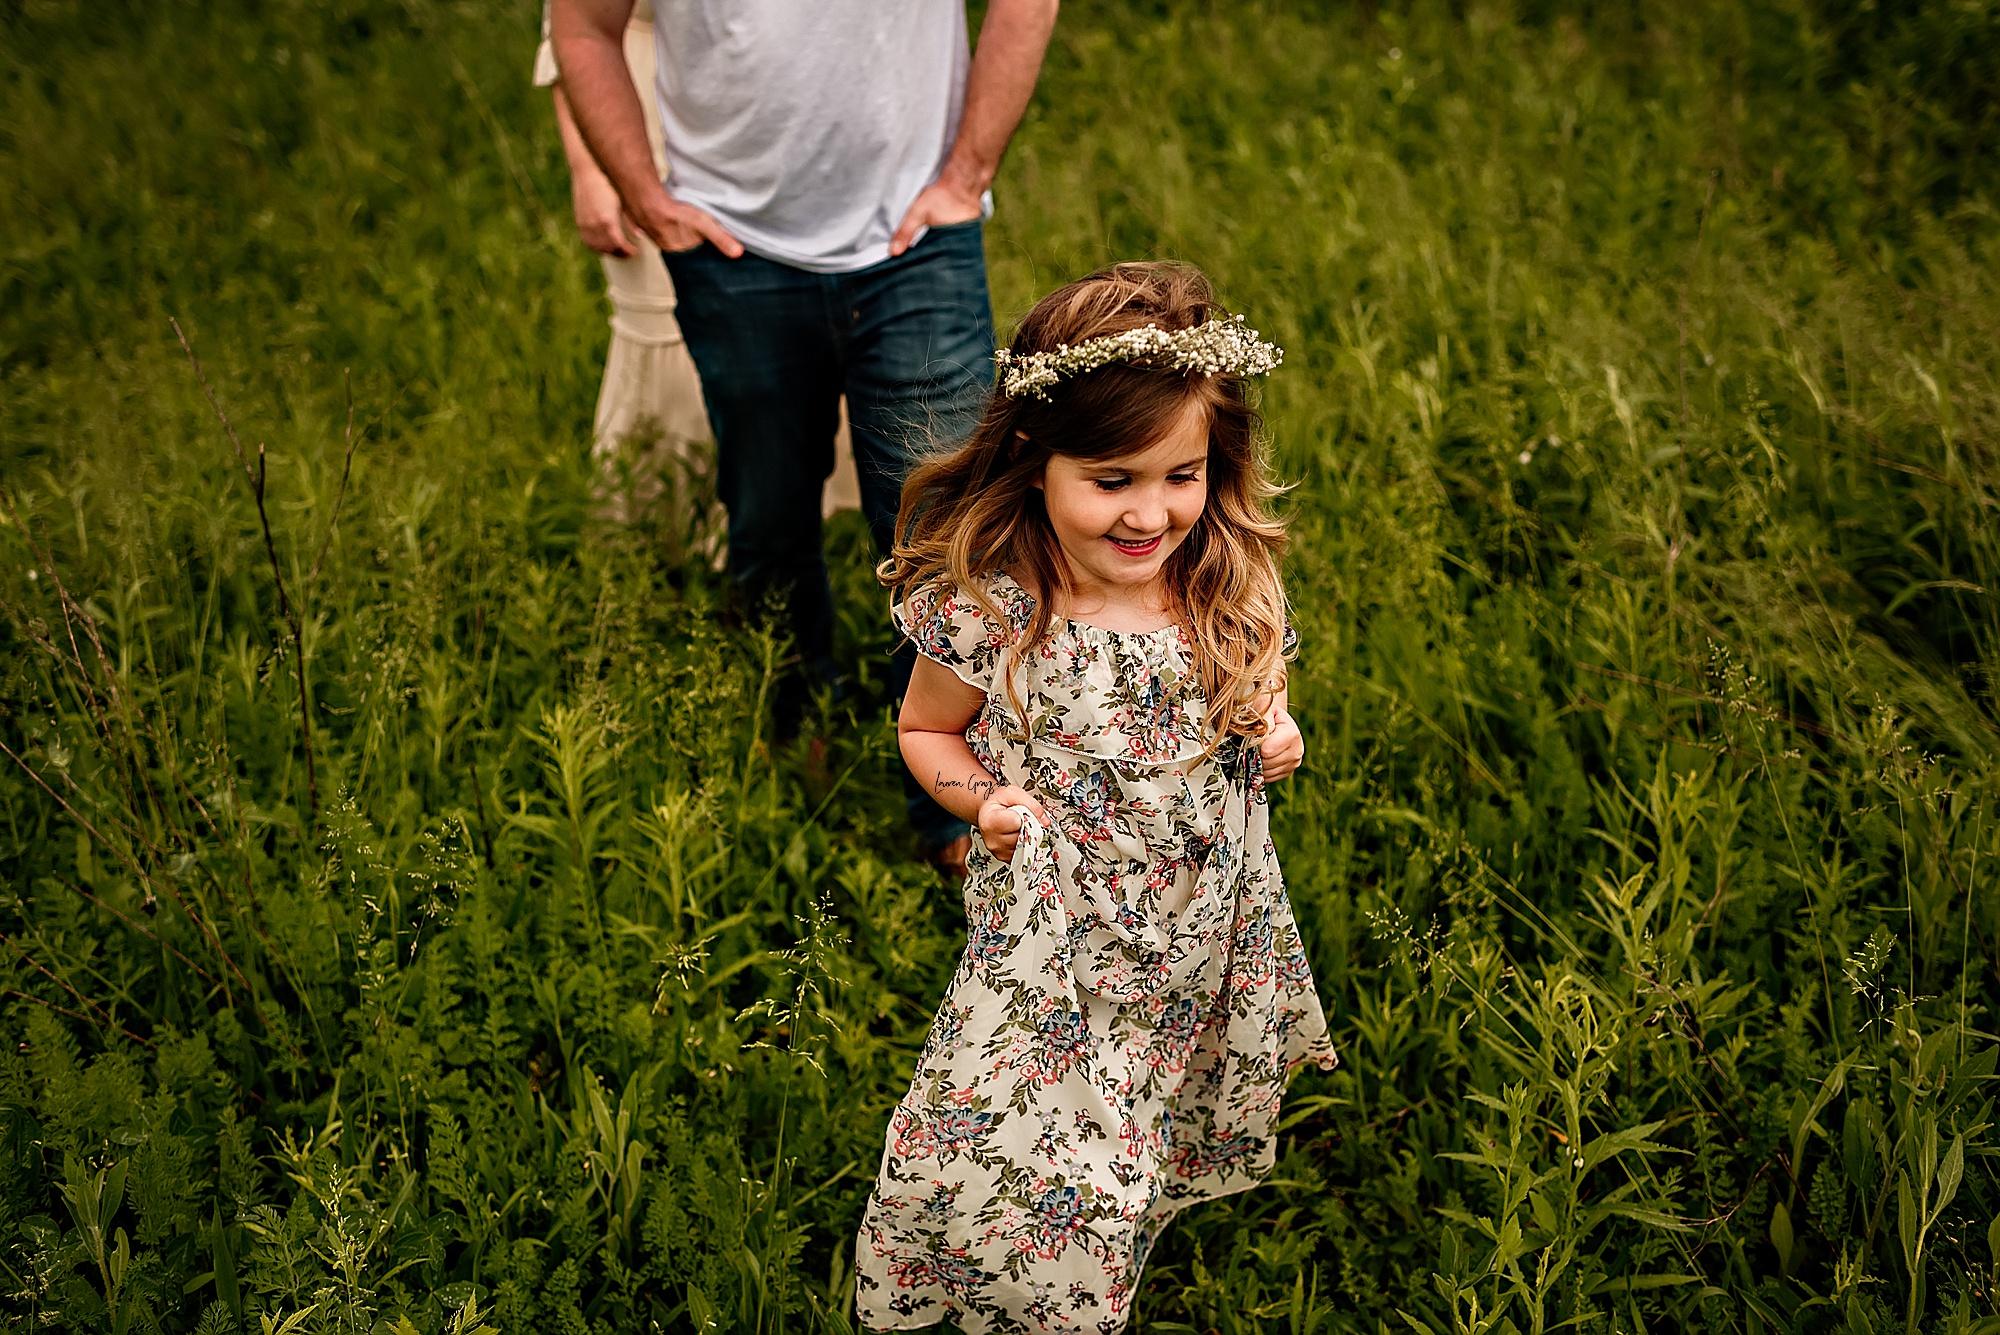 lauren-grayson-photography-akron-ridenour-family-summer-fields-sunset-session_0025.jpg